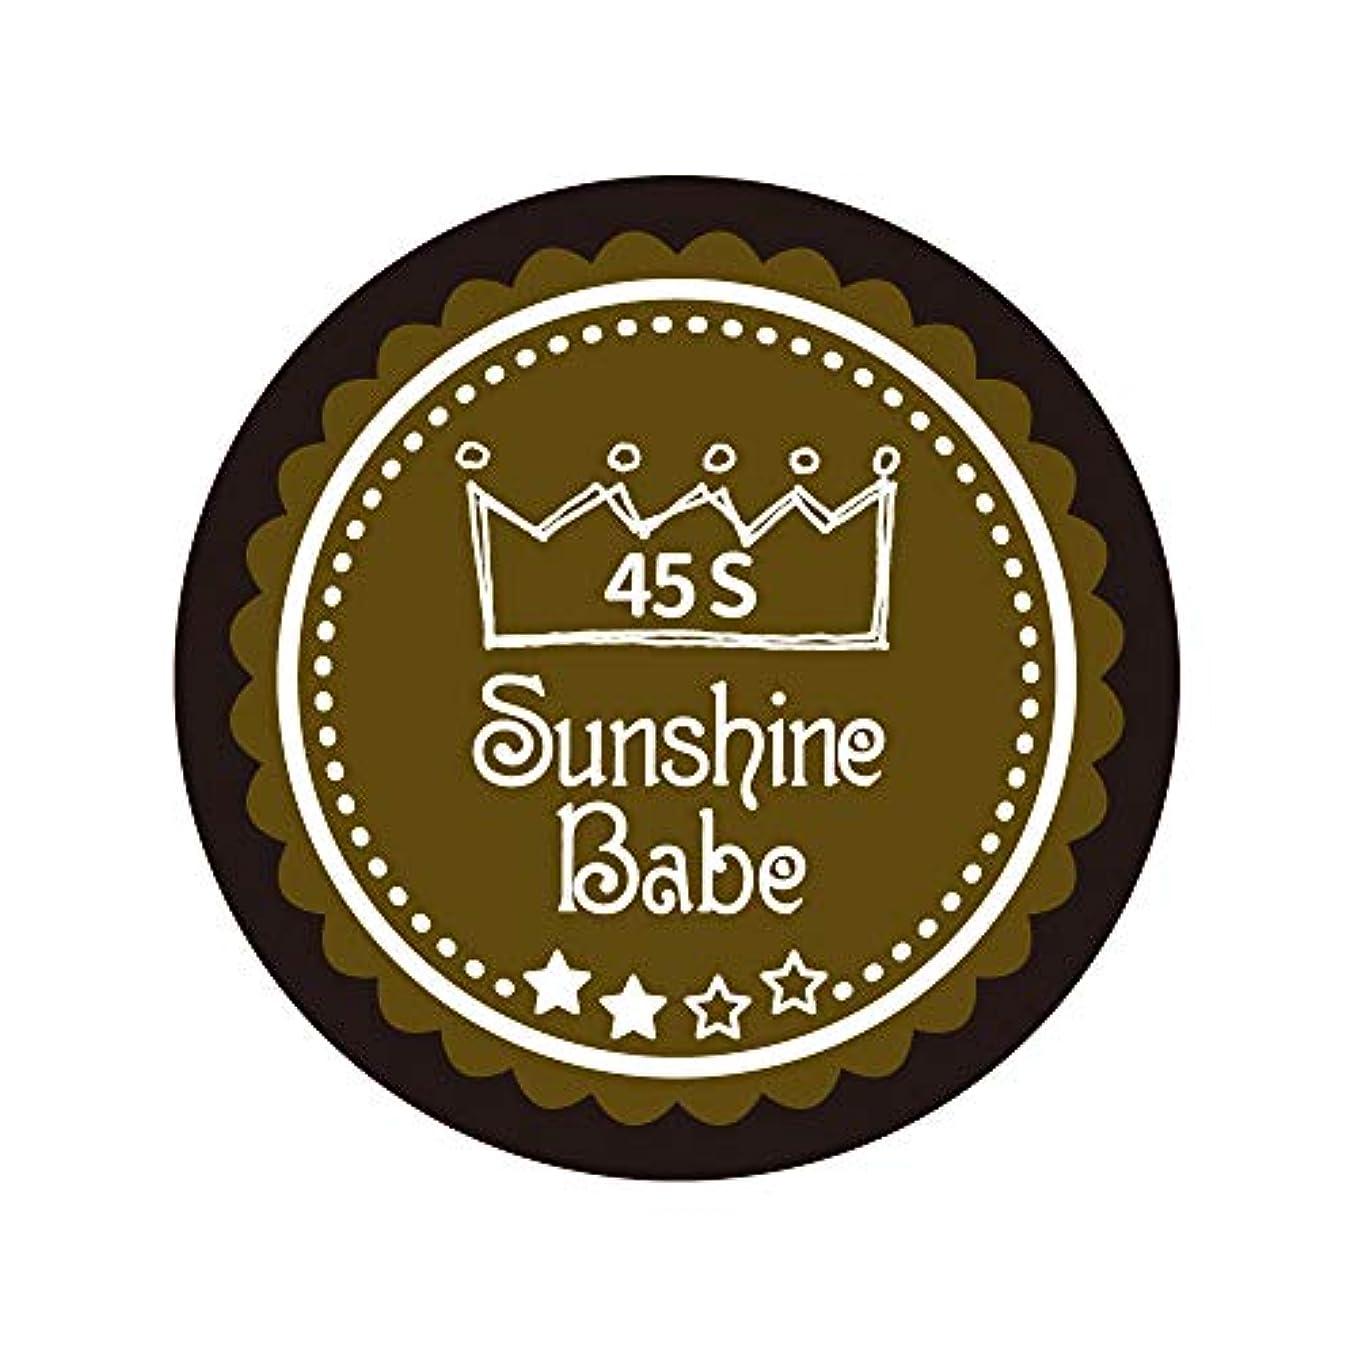 施し効率的滝Sunshine Babe カラージェル 45S マティーニオリーブ 2.7g UV/LED対応